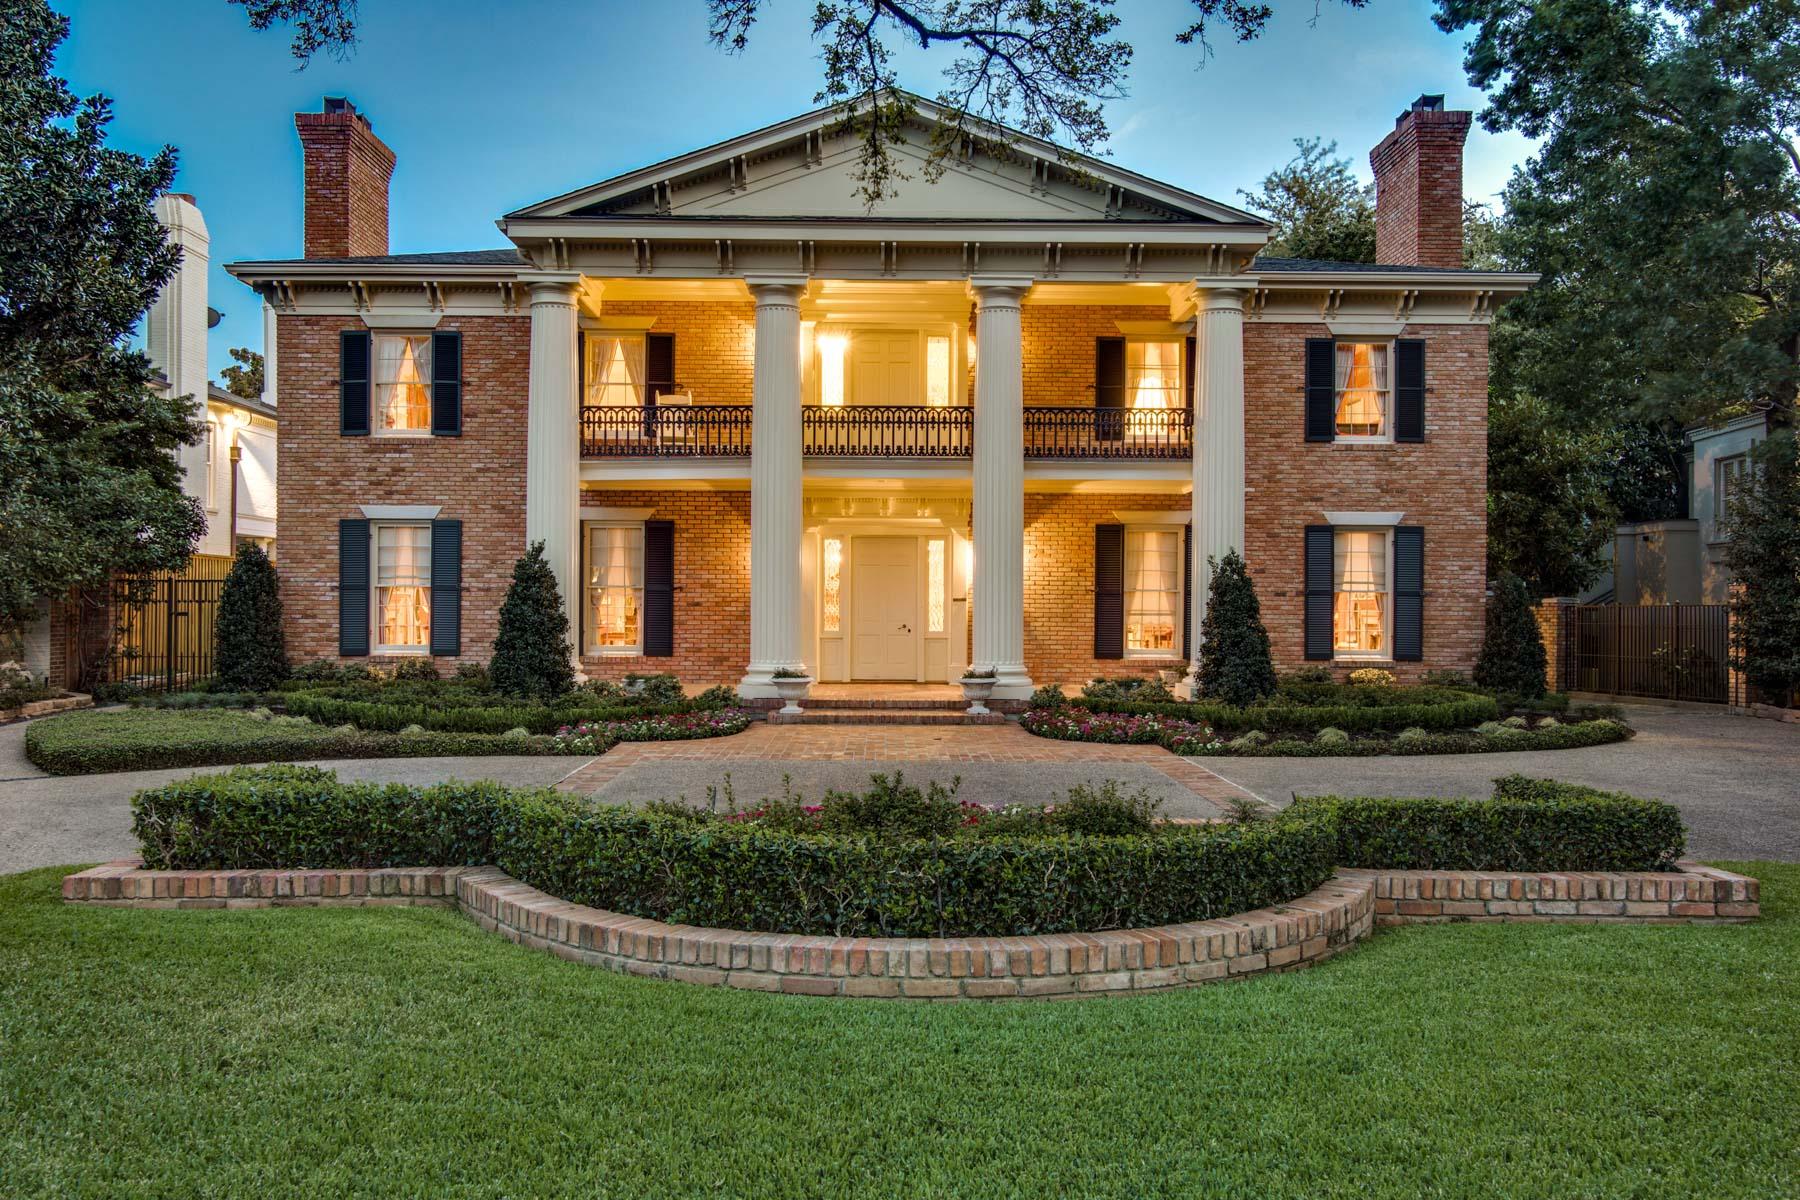 단독 가정 주택 용 매매 에 Old Highland Park, Greek Revival Masterpiece 4005 Gillon Ave Highland Park, 텍사스, 75205 미국